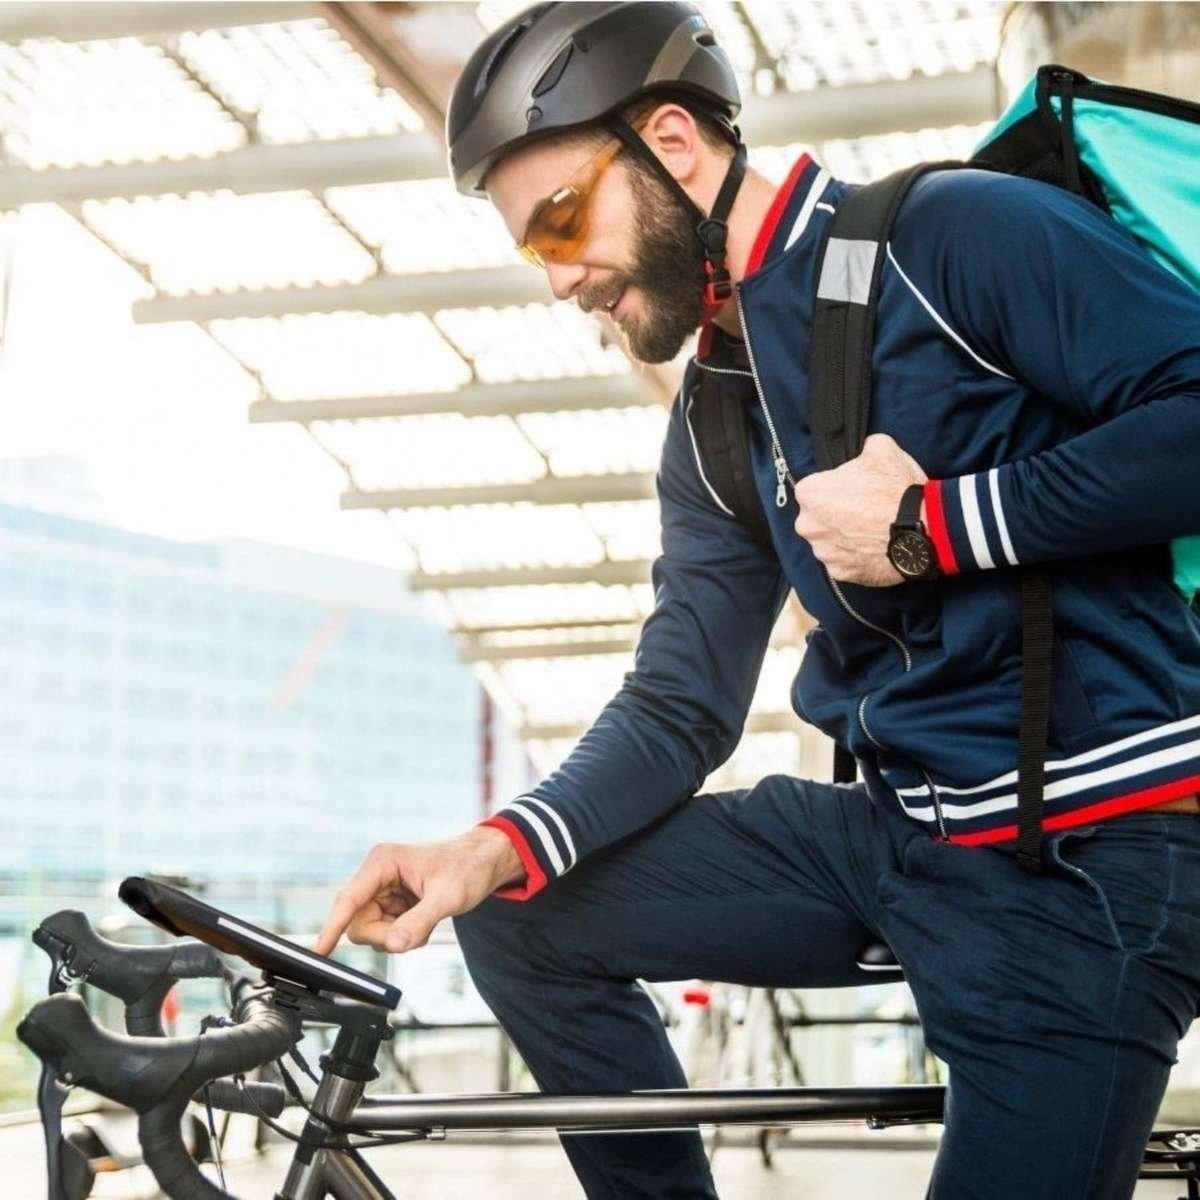 Mit der wasserdichten Handytasche fürs Fahrrad kannst du perfekt navigieren.